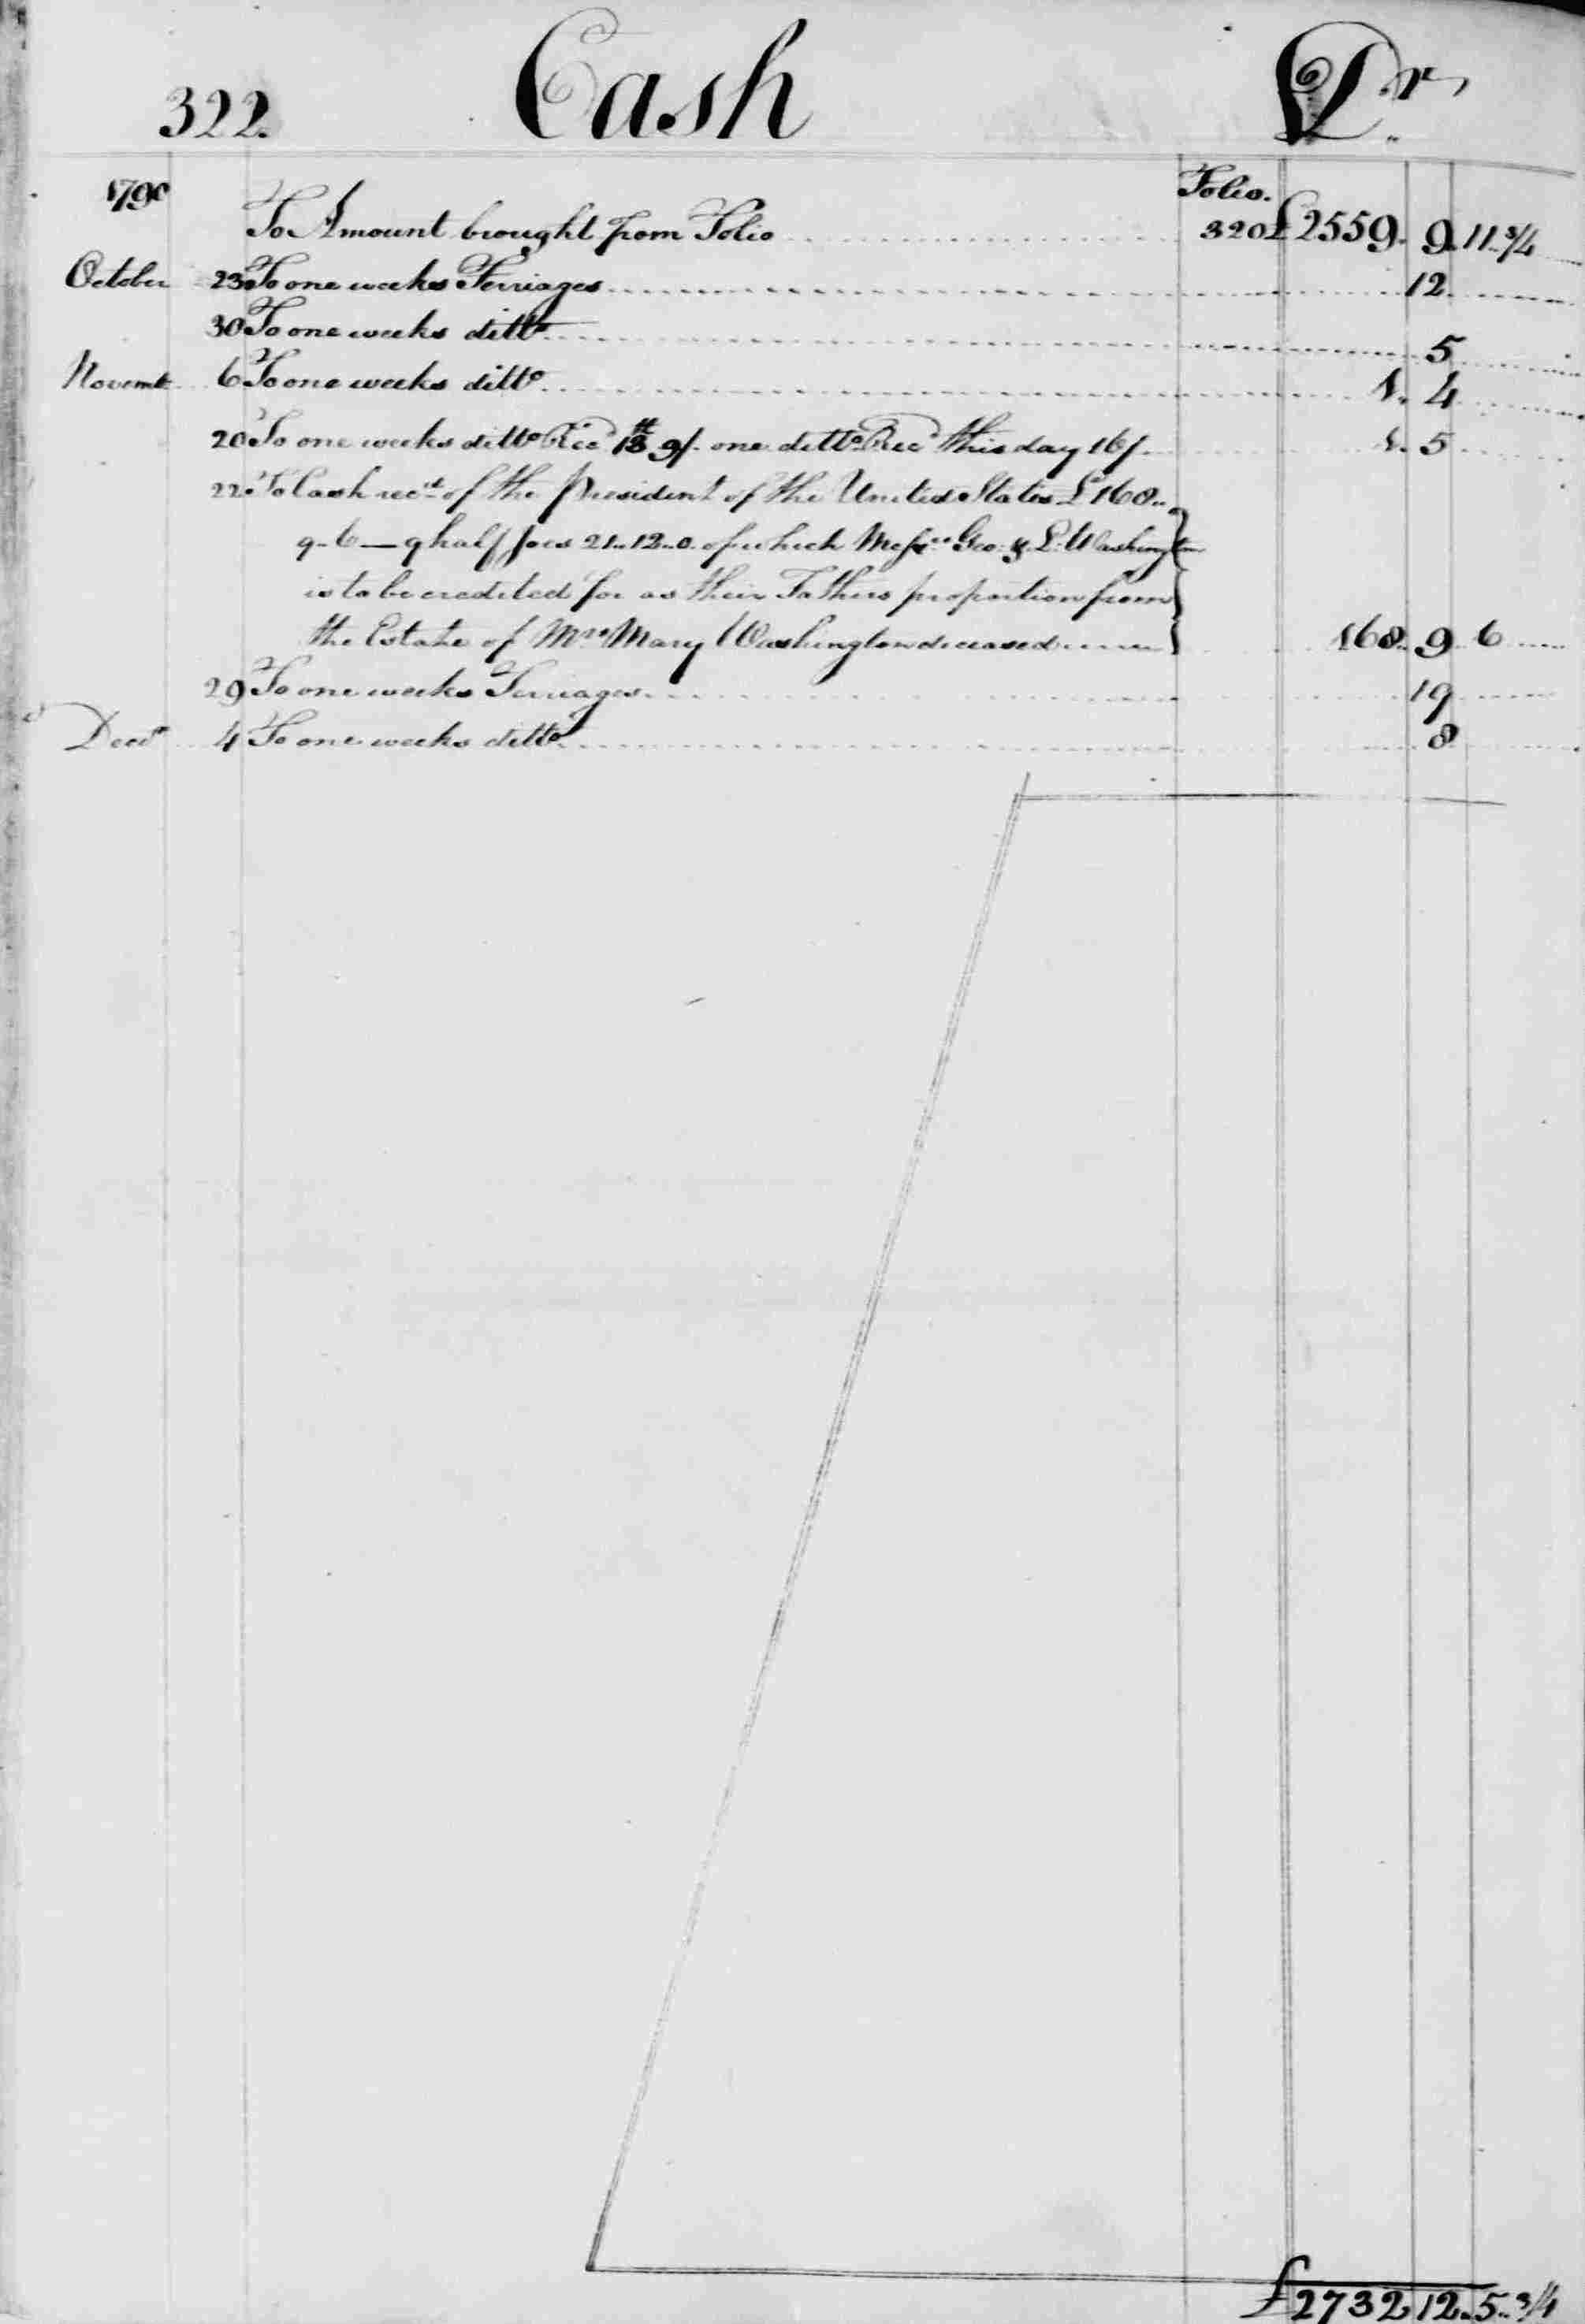 Ledger B, folio 322, left side